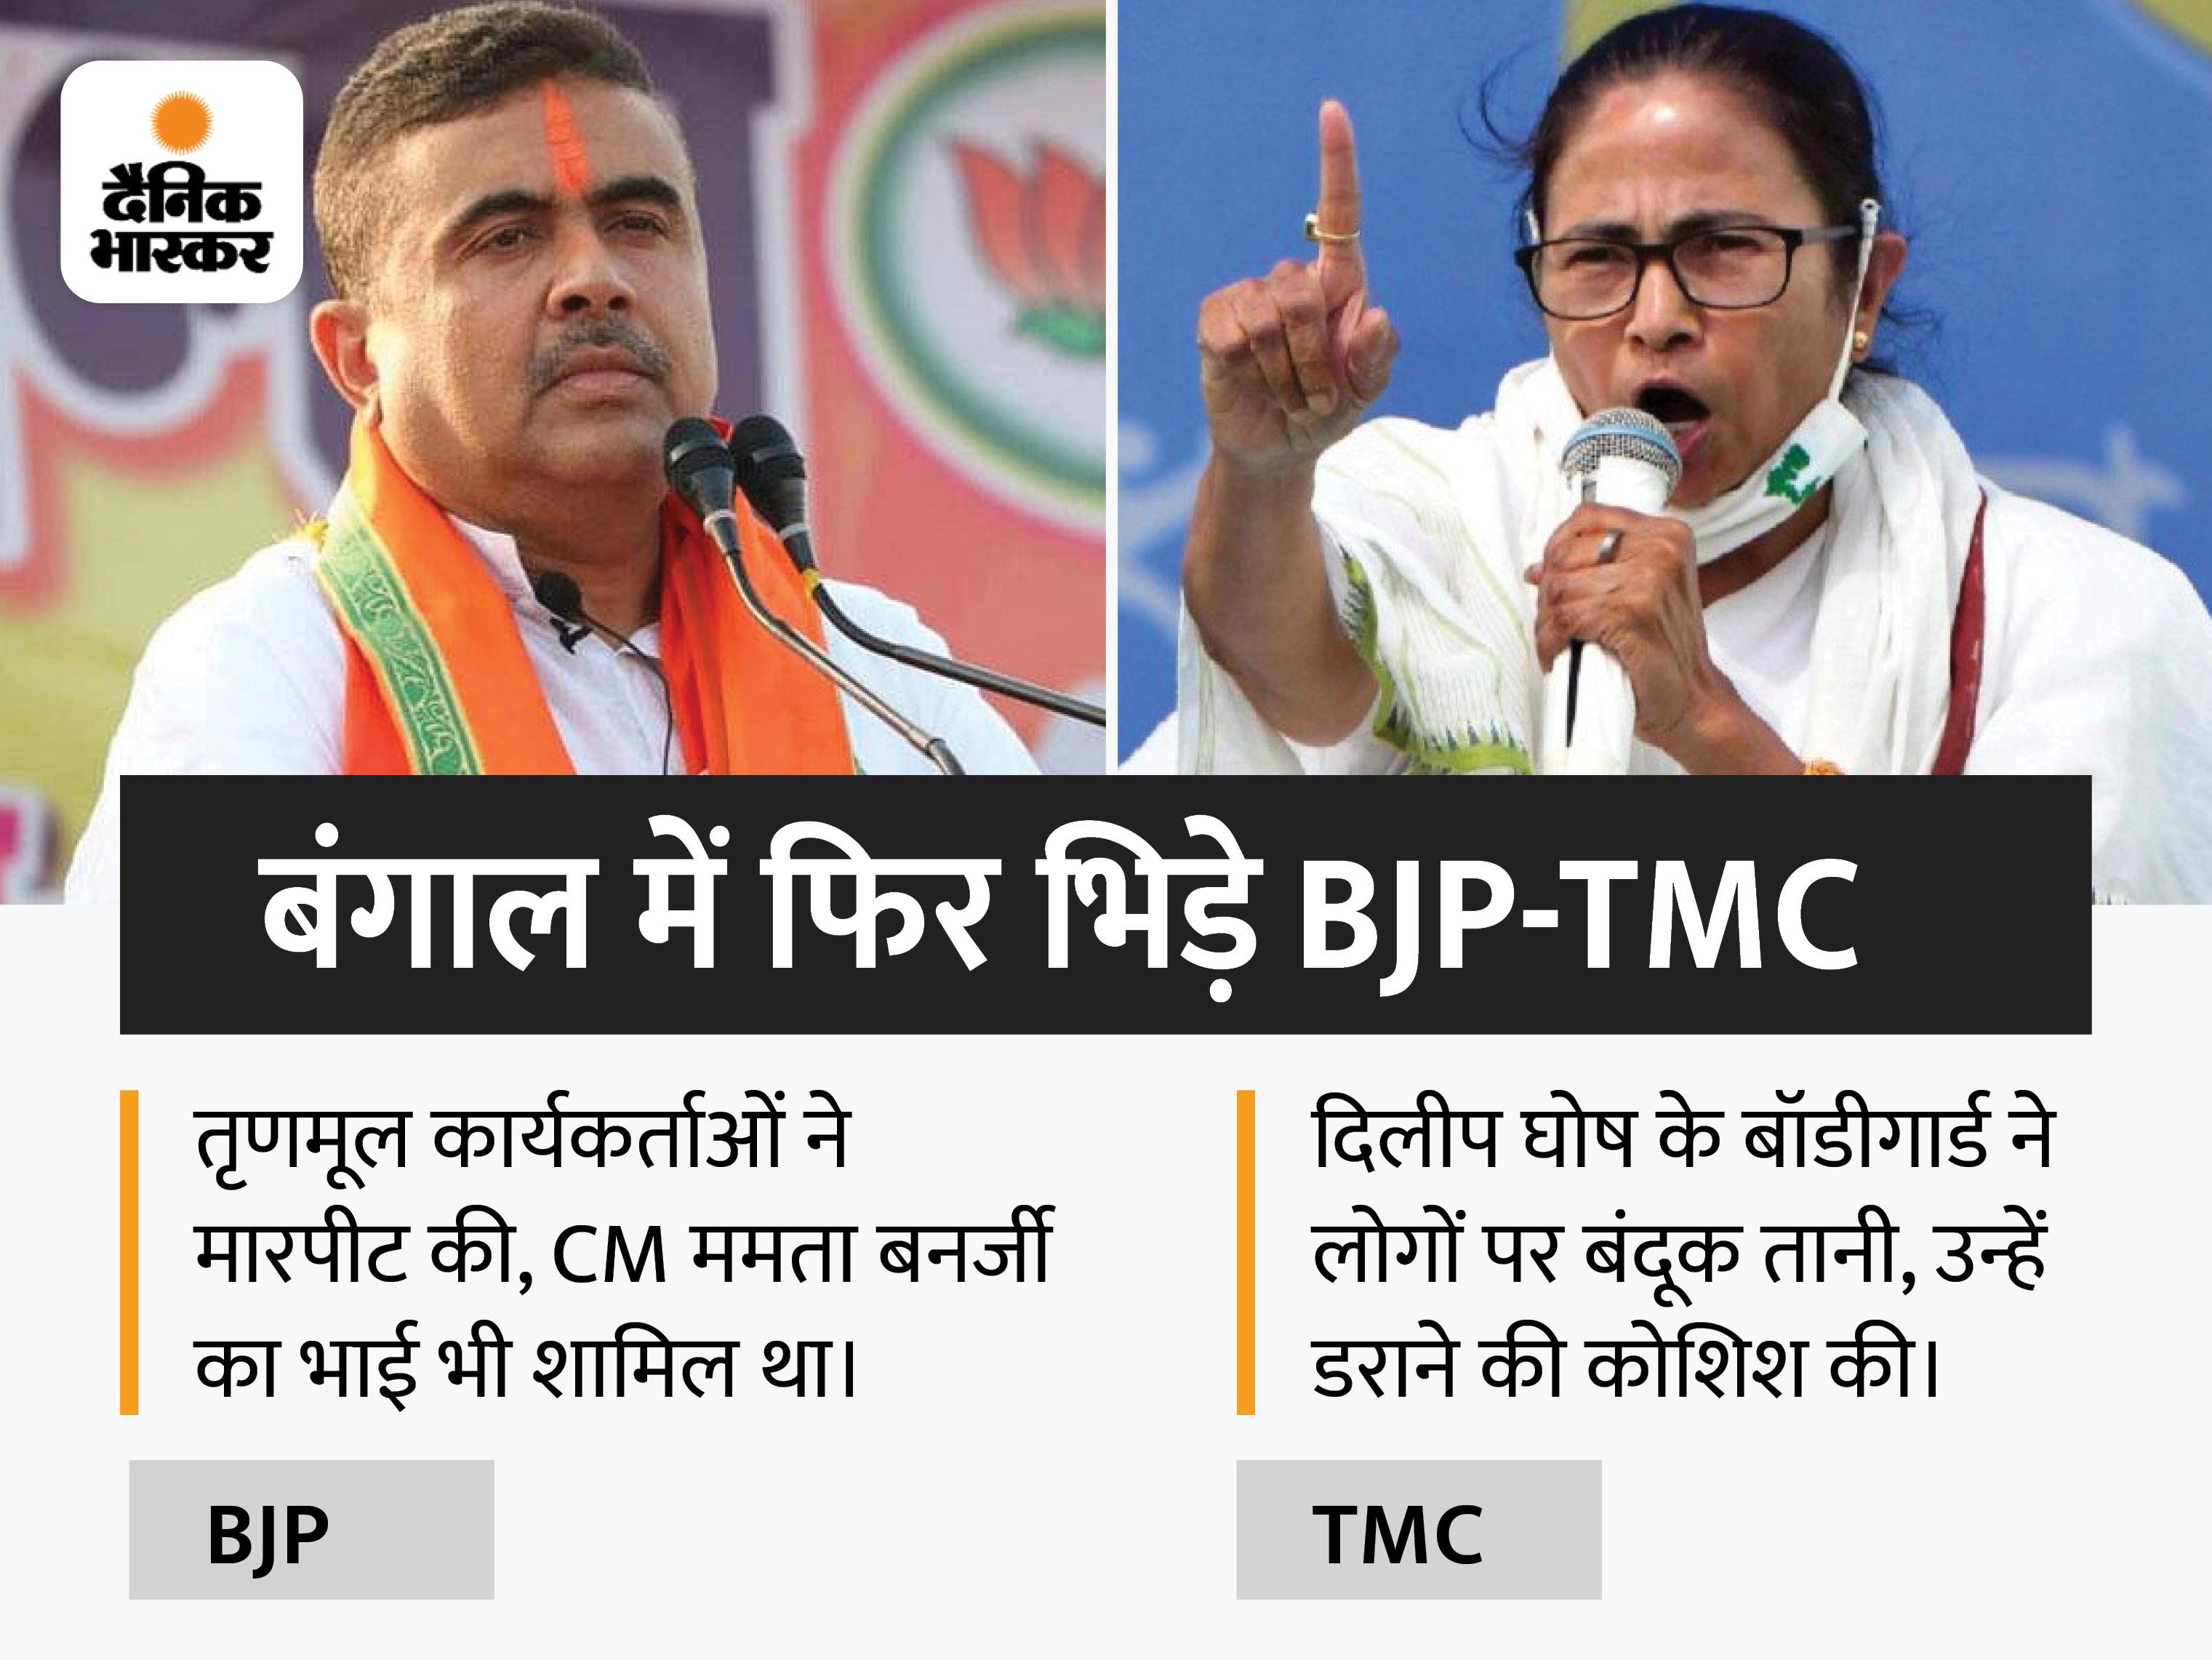 दिलीप घोष पर भवानीपुर में हमला, गनमैन ने भीड़ पर पिस्टल तानी; BJP का आरोप- ममता बनर्जी के भाई ने भी की मारपीट देश,National - Dainik Bhaskar